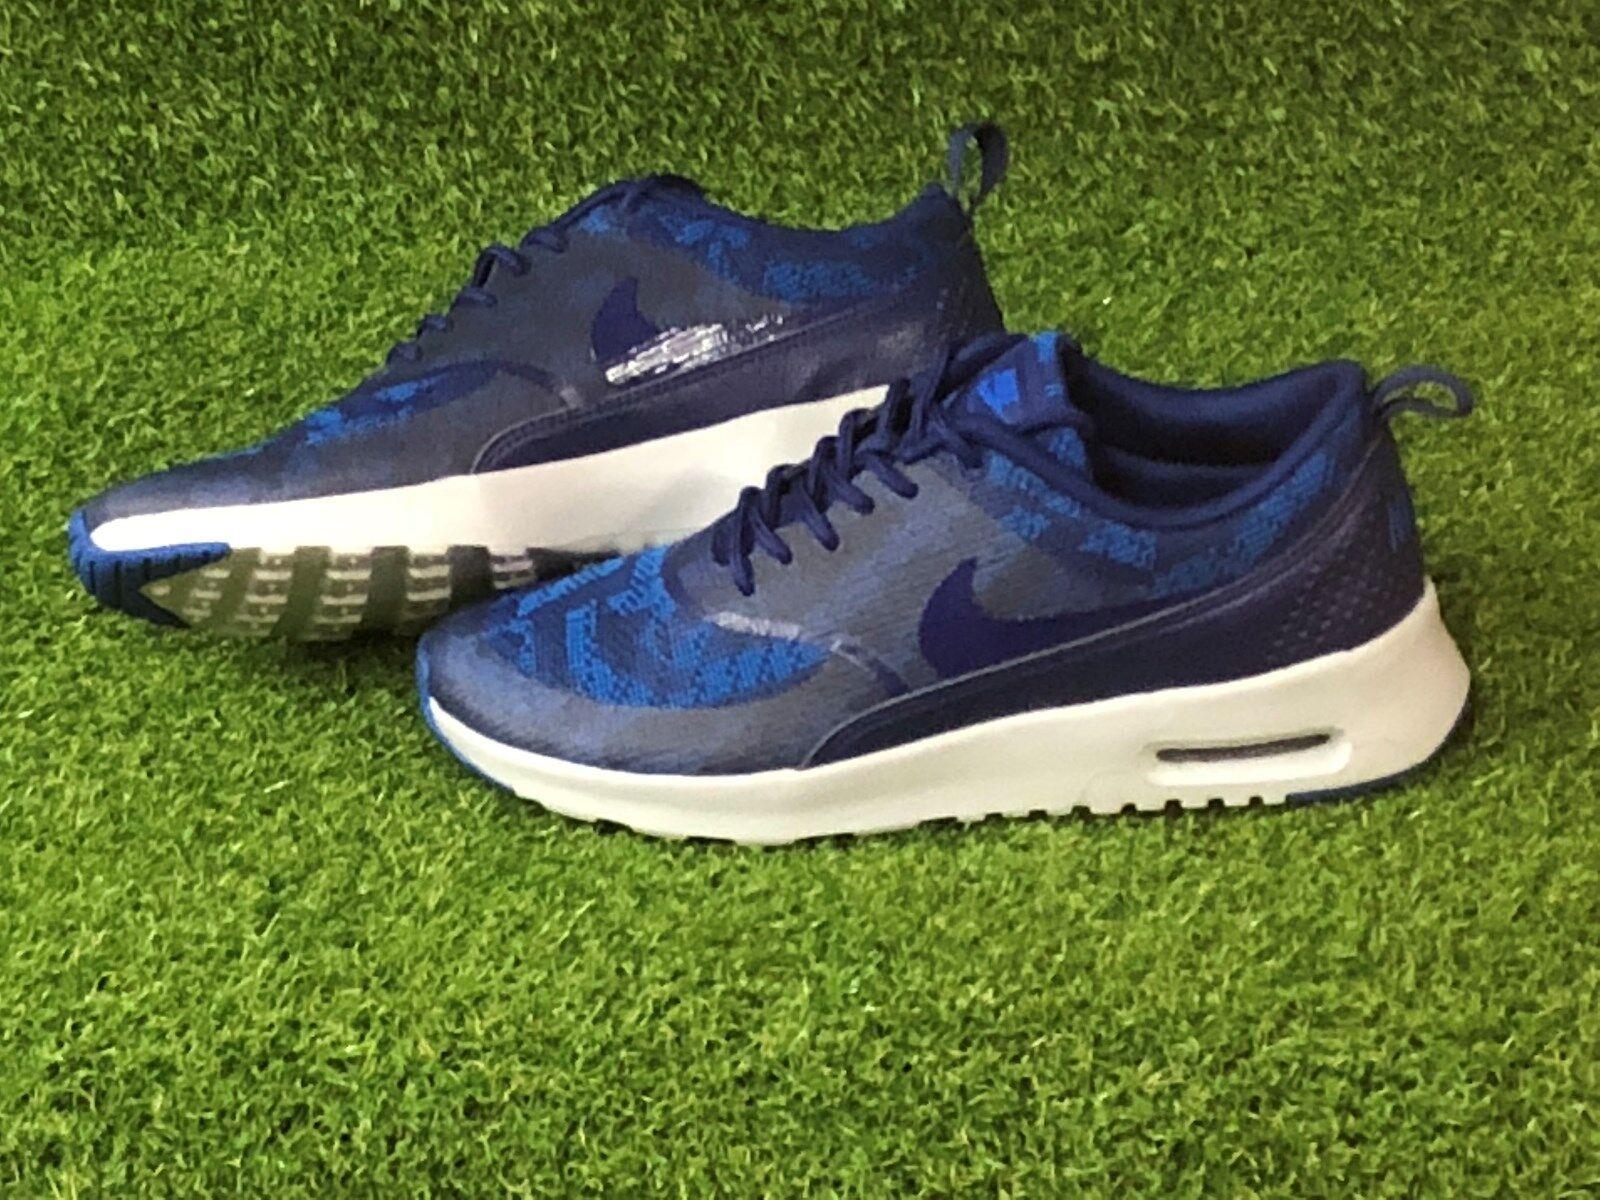 Nike WMNS AIR MAX Thea KJCRD Damen Damens  NEU